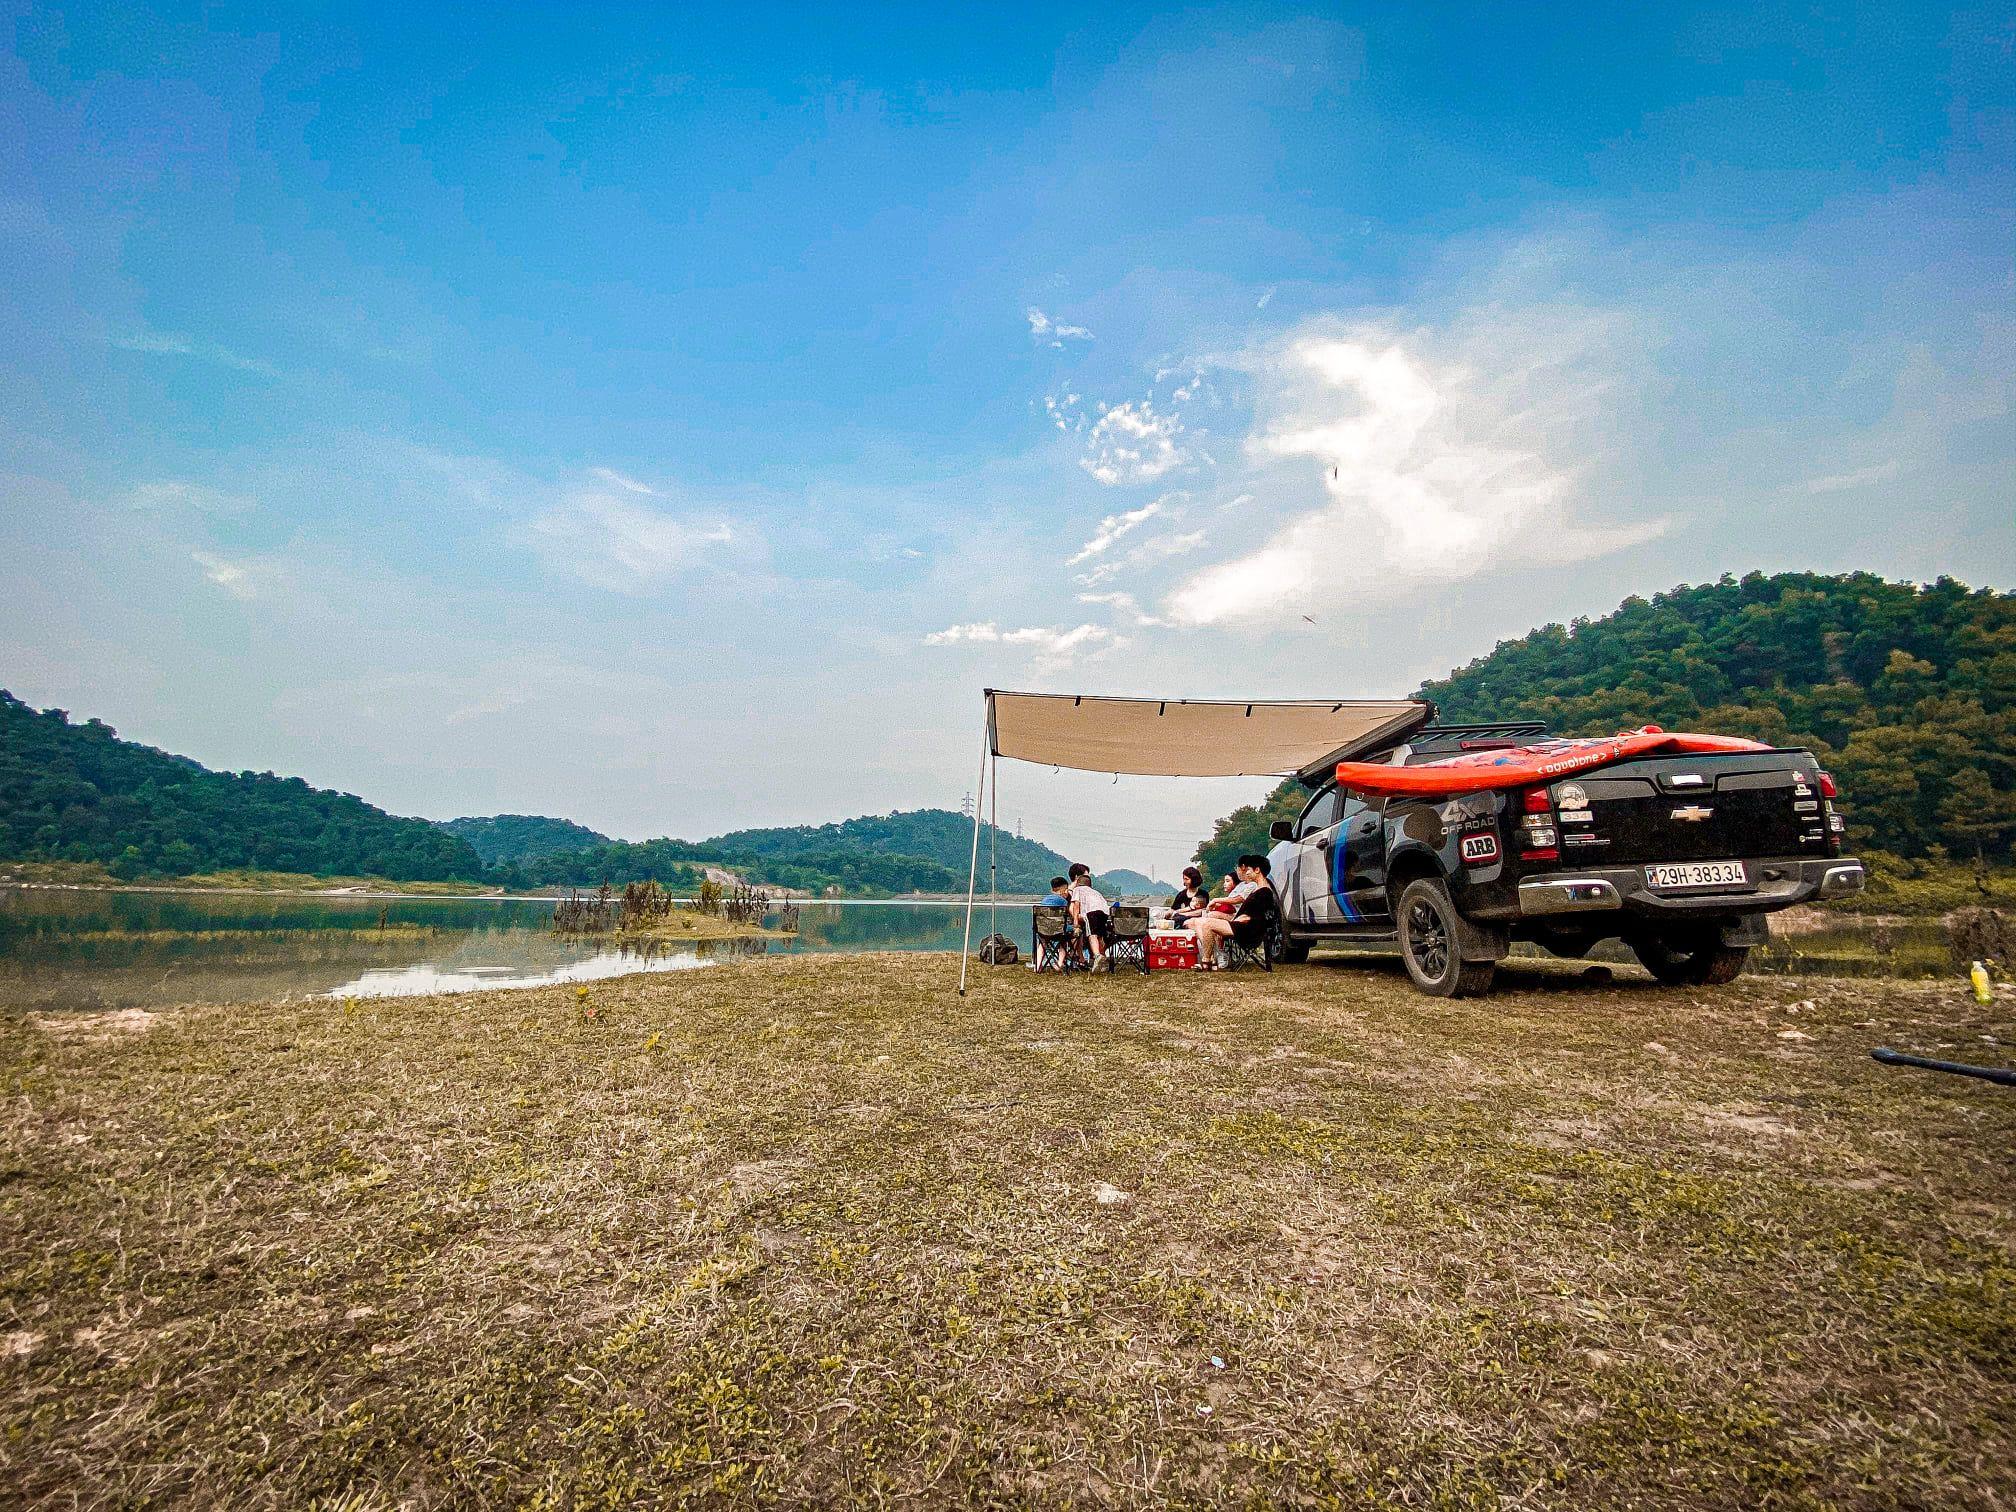 Review Hồ Chỏm Núi - Sóc Sơn - 40km ~ 1h đồng hồ lái xe. Bãi cỏ rộng sạch sẽ